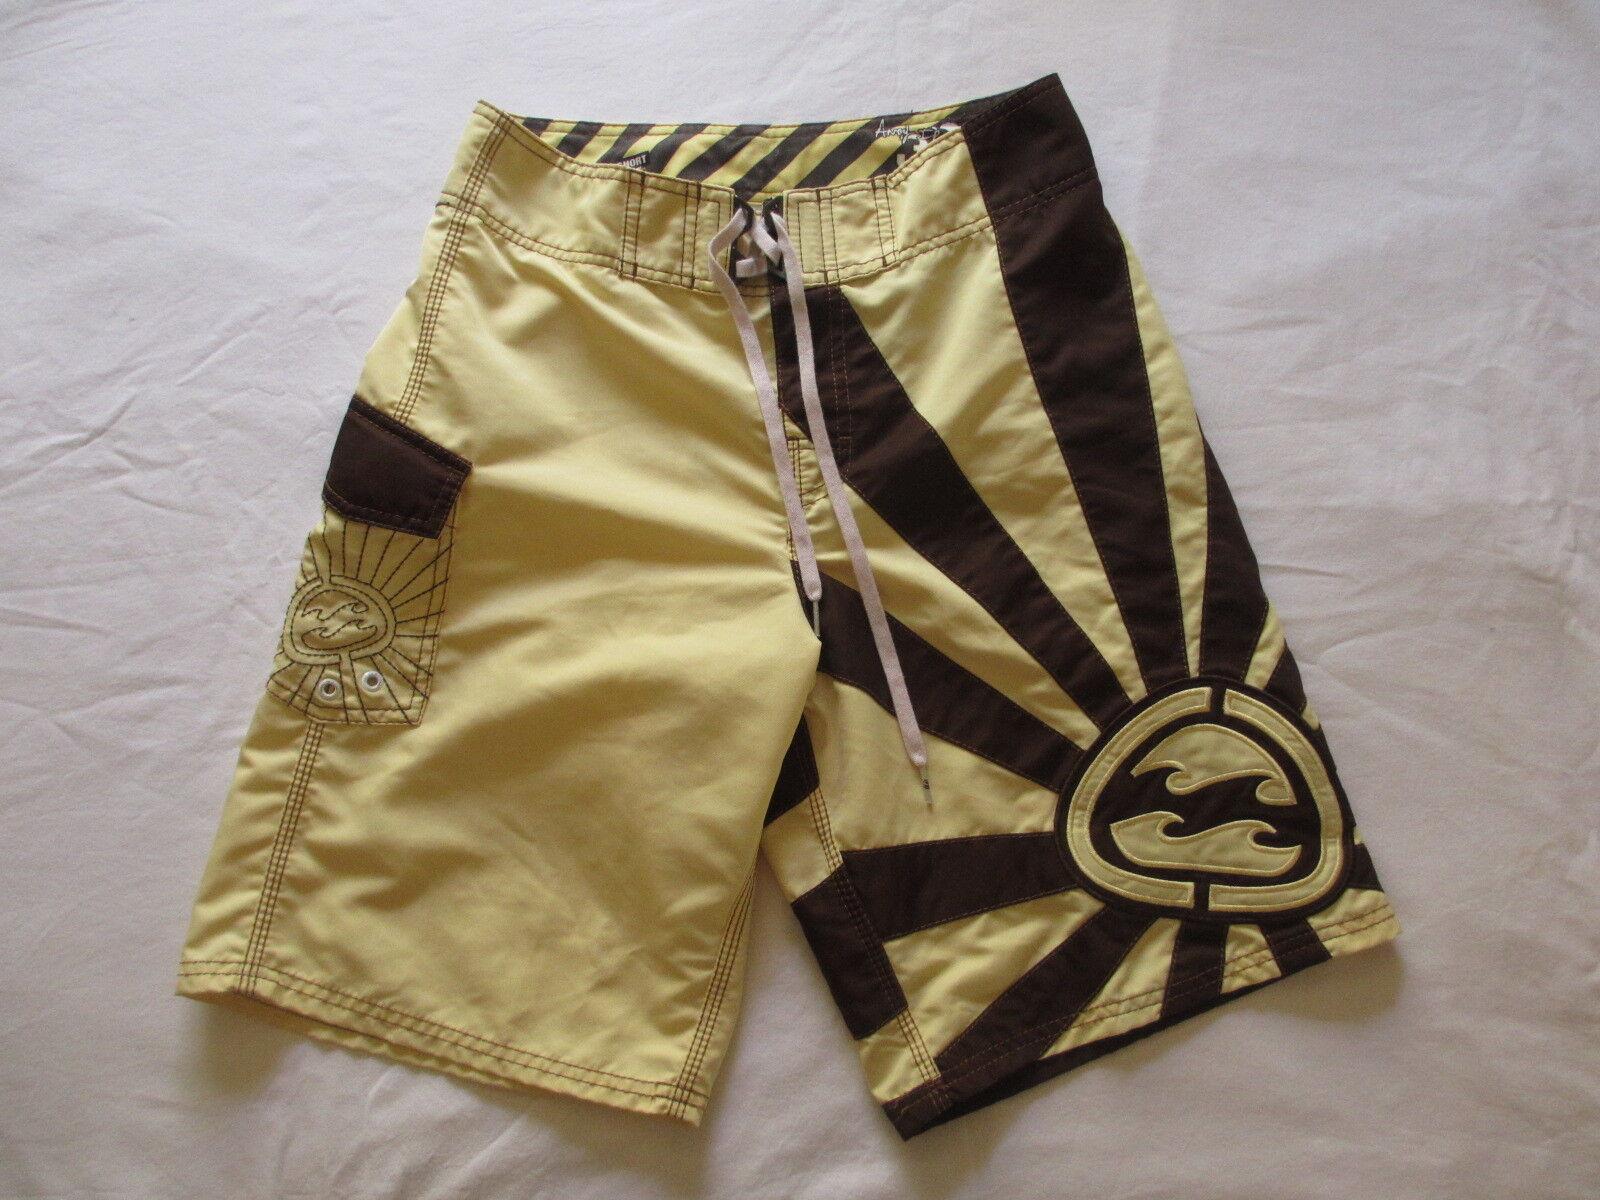 Billabong ANDY IRONS Rising Sun Mens Boardshorts Sz 28  VERY RARE COLOR COMBO